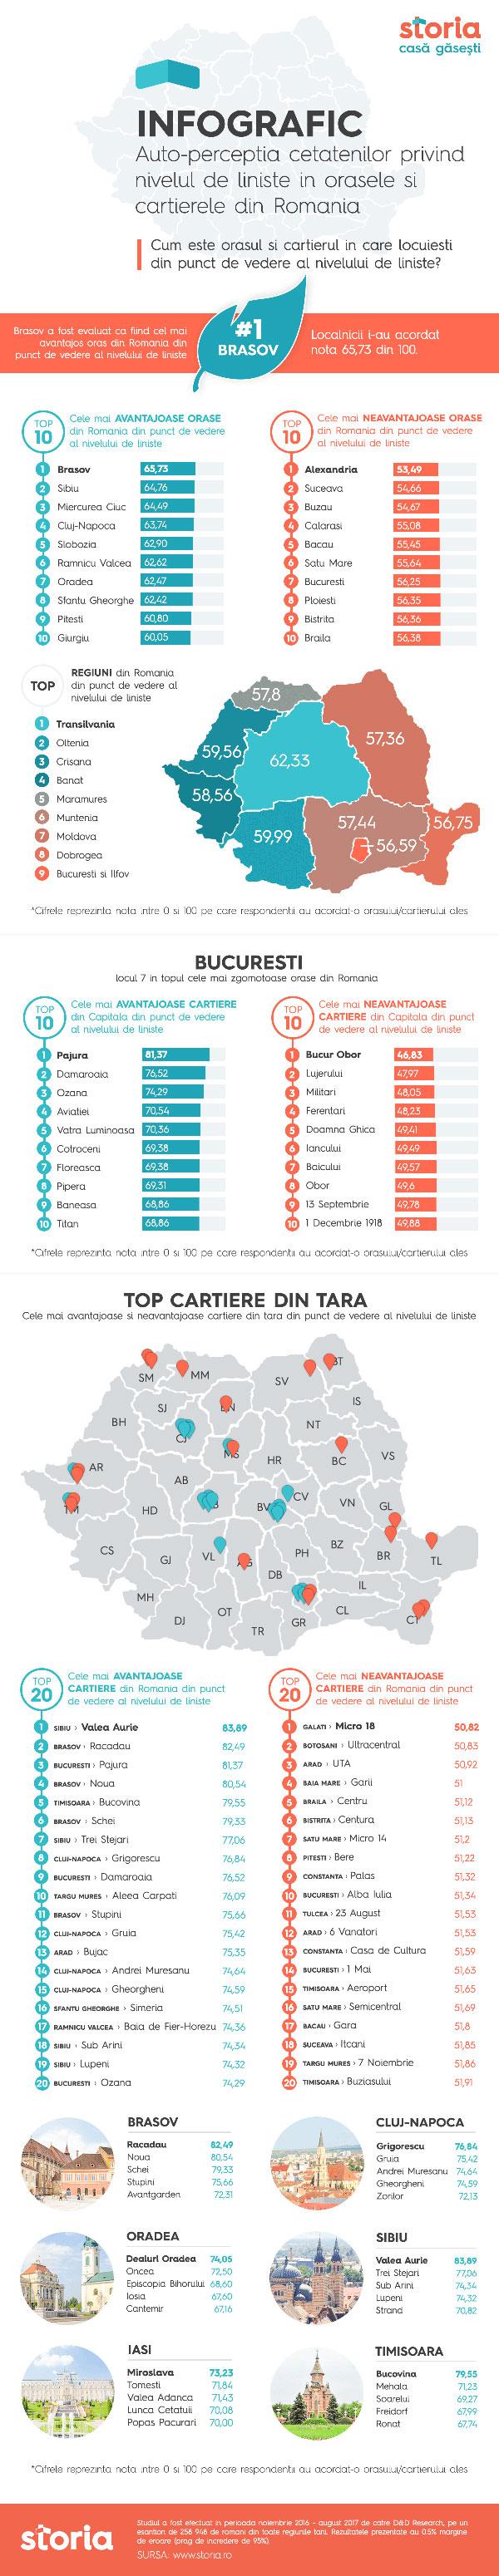 Infografic Storia, Brasovul conduce clasamentul oraselor cu cel mai ridicat nivel de liniste